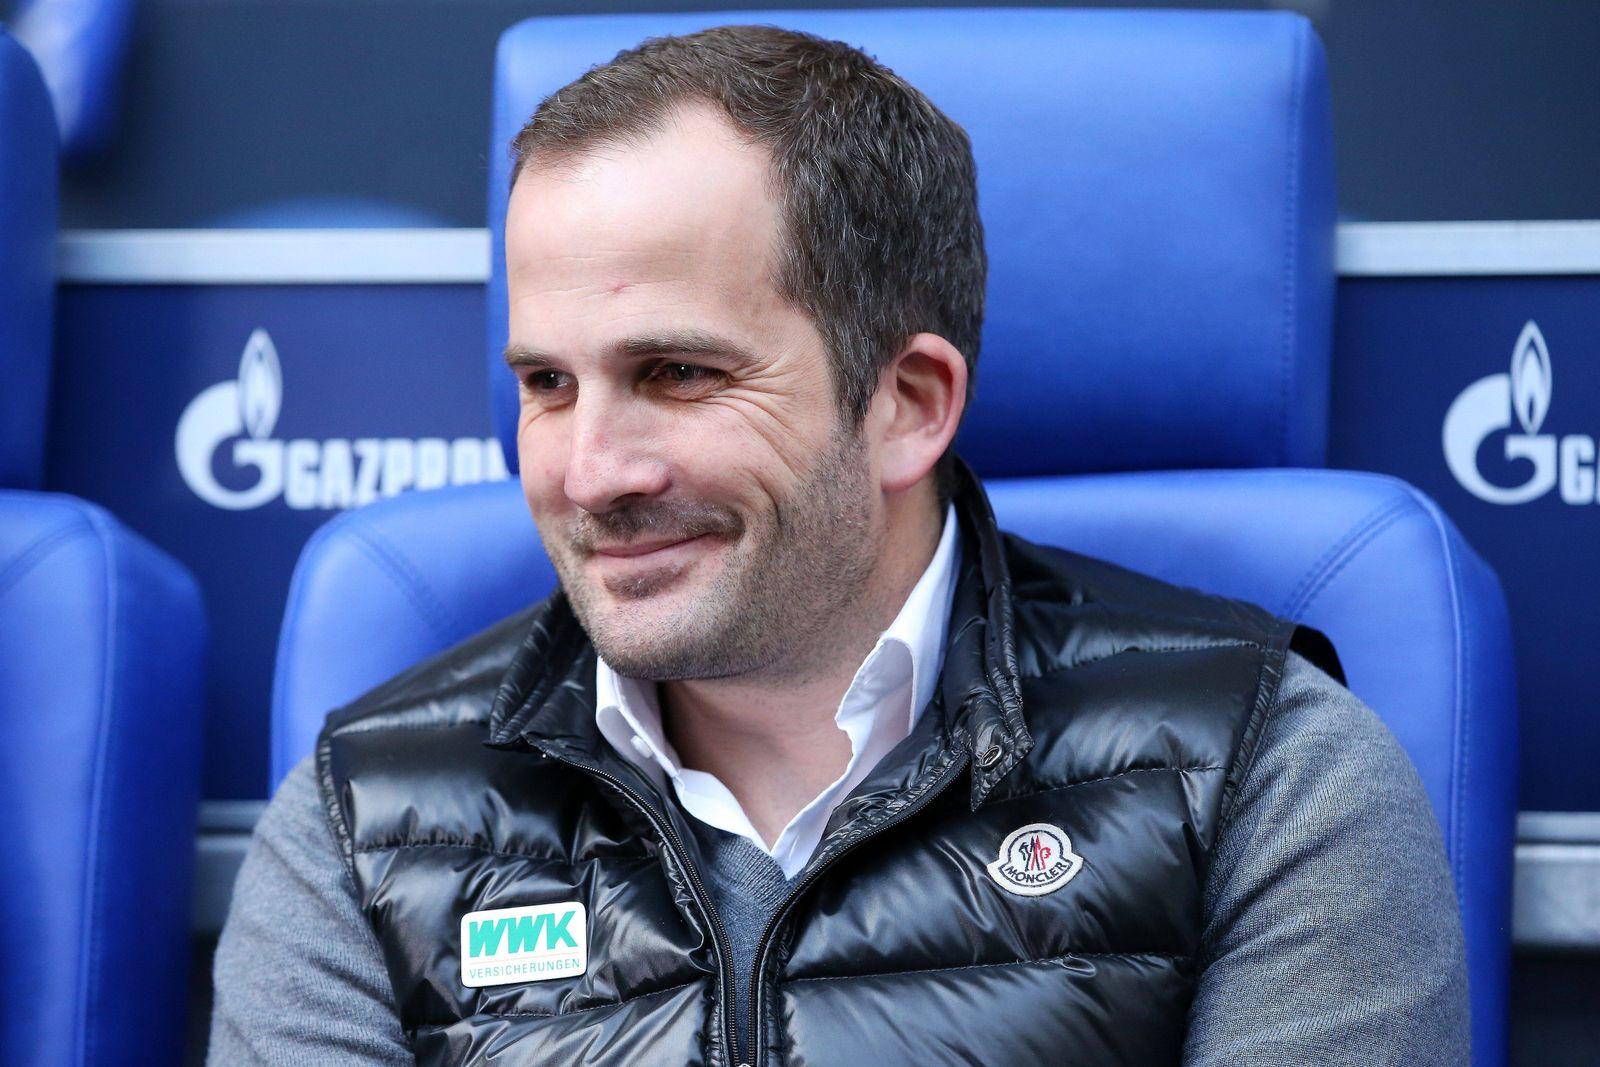 xuhx, Gelsenkirchen, Veltins Arena, 12.03.17, 1.Bundesliga - 24.Spieltag: FC Schalke 04 - FC Augsburg Bild: Trainer Man